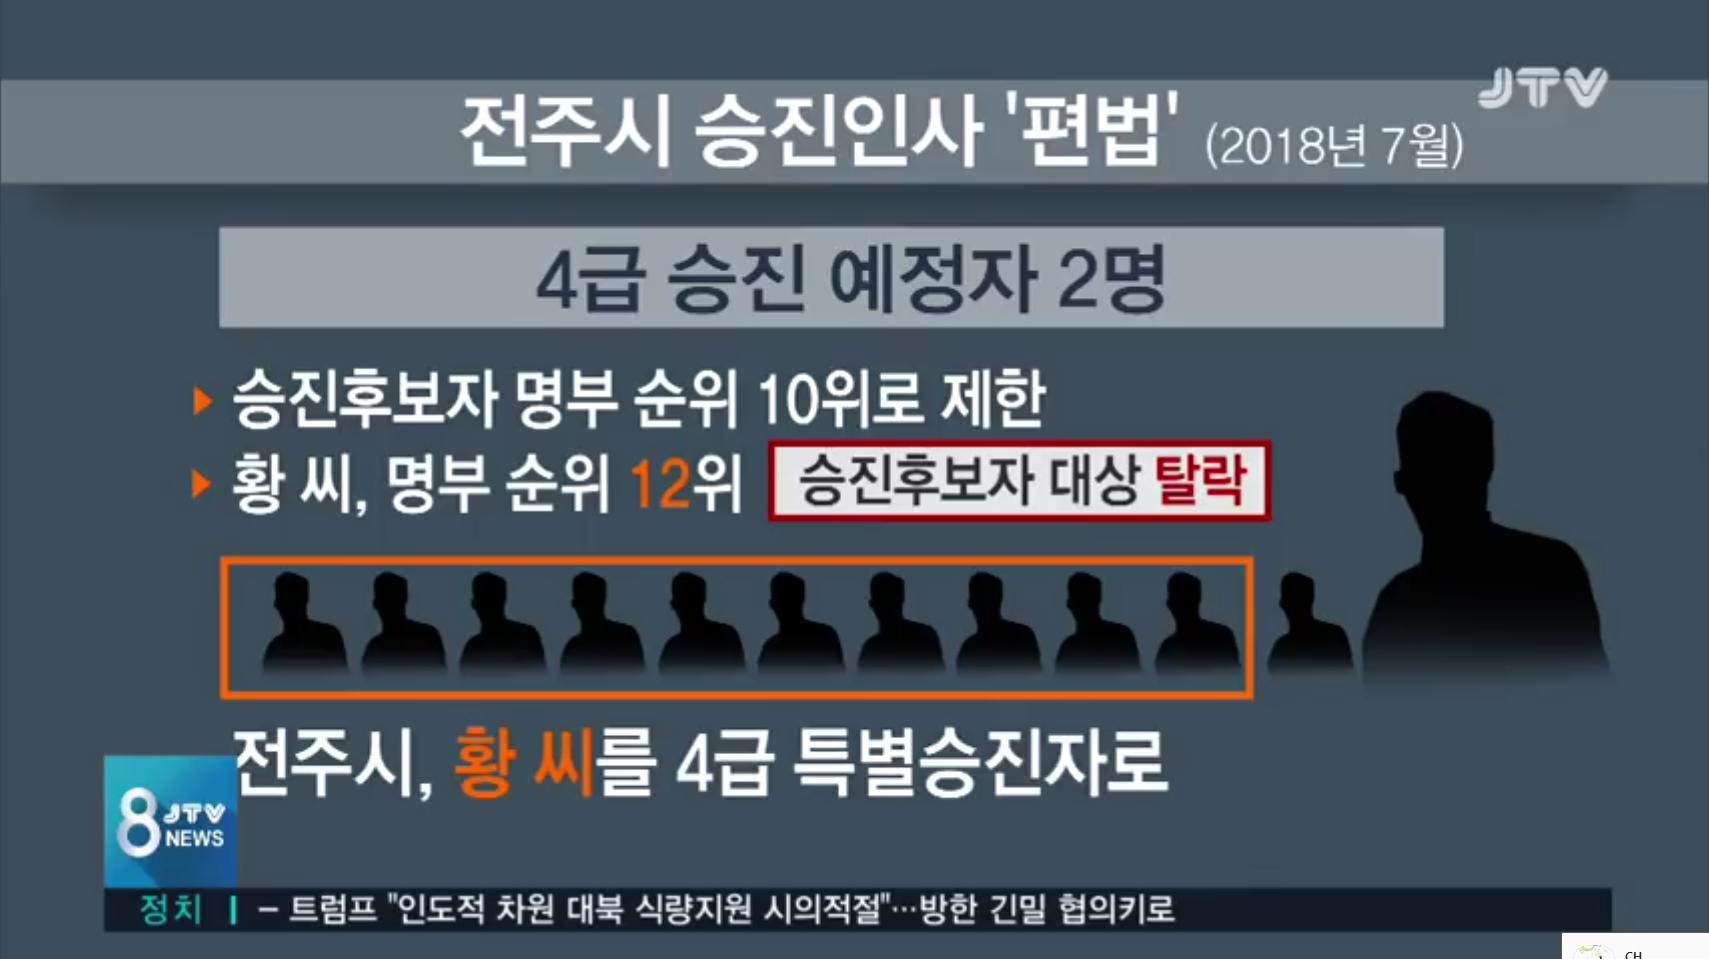 [19.5.7 JTV] 김승수 전주시장 고교선배 4급 특별승진3.png